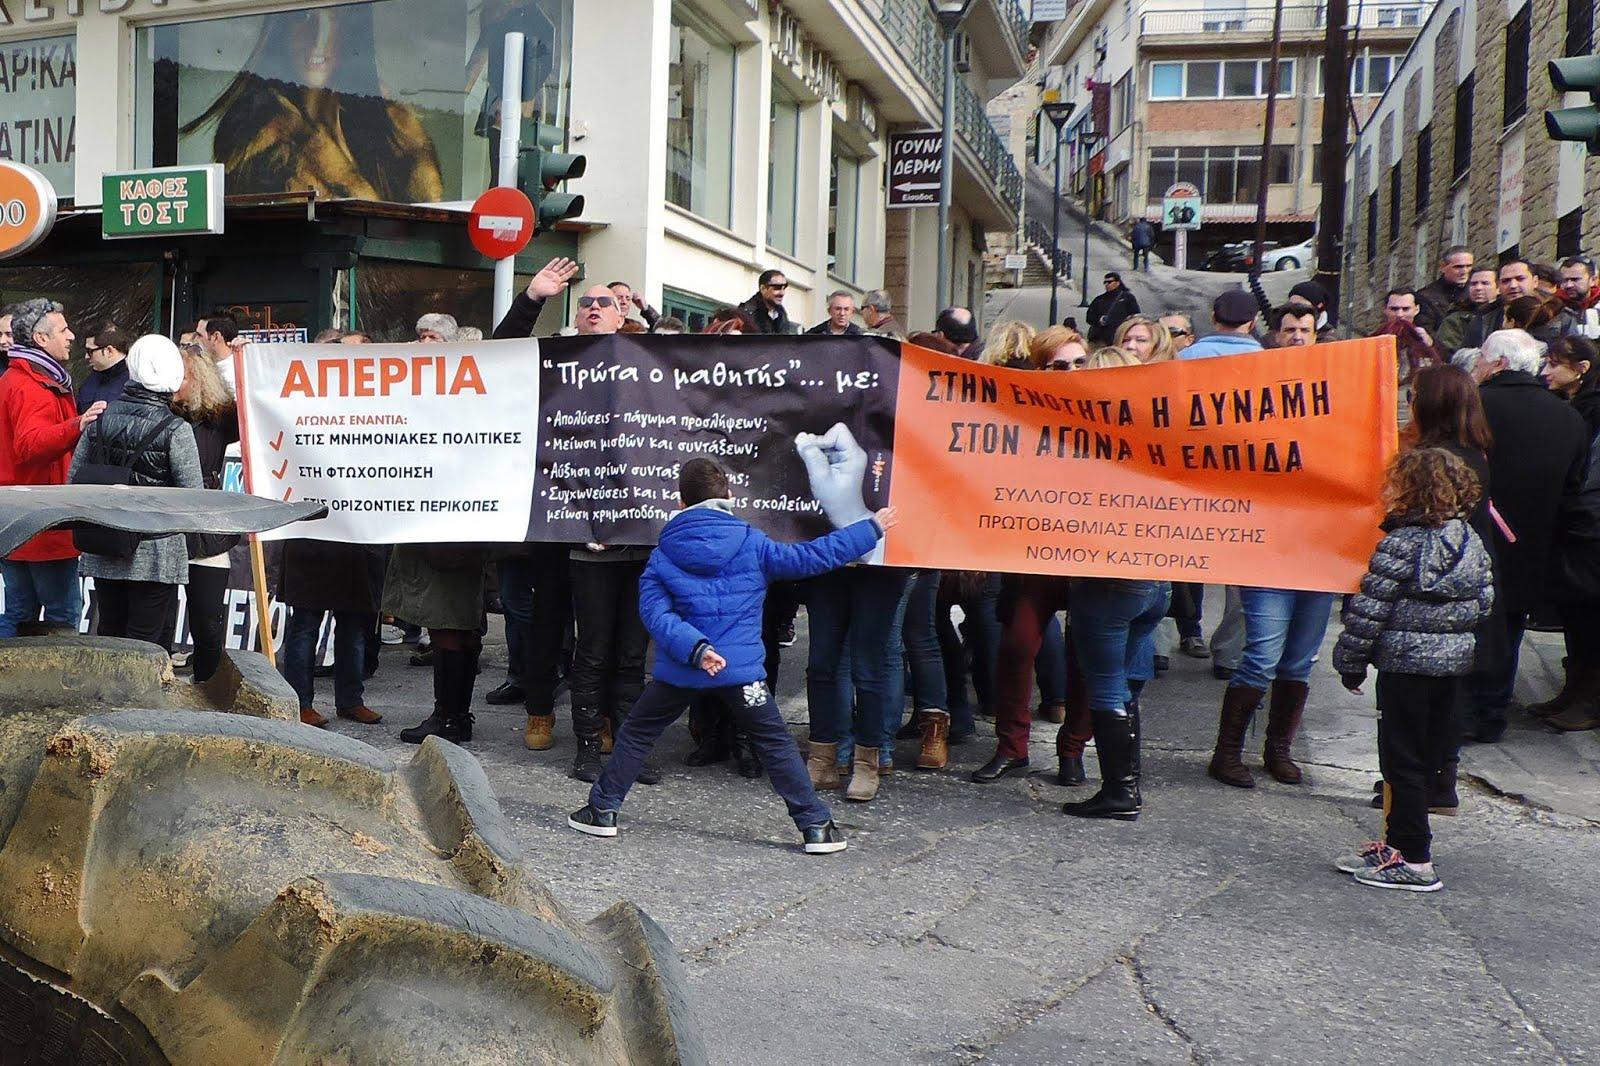 Γενική Απεργία Πέμπτη 4 Φλεβάρη 2016